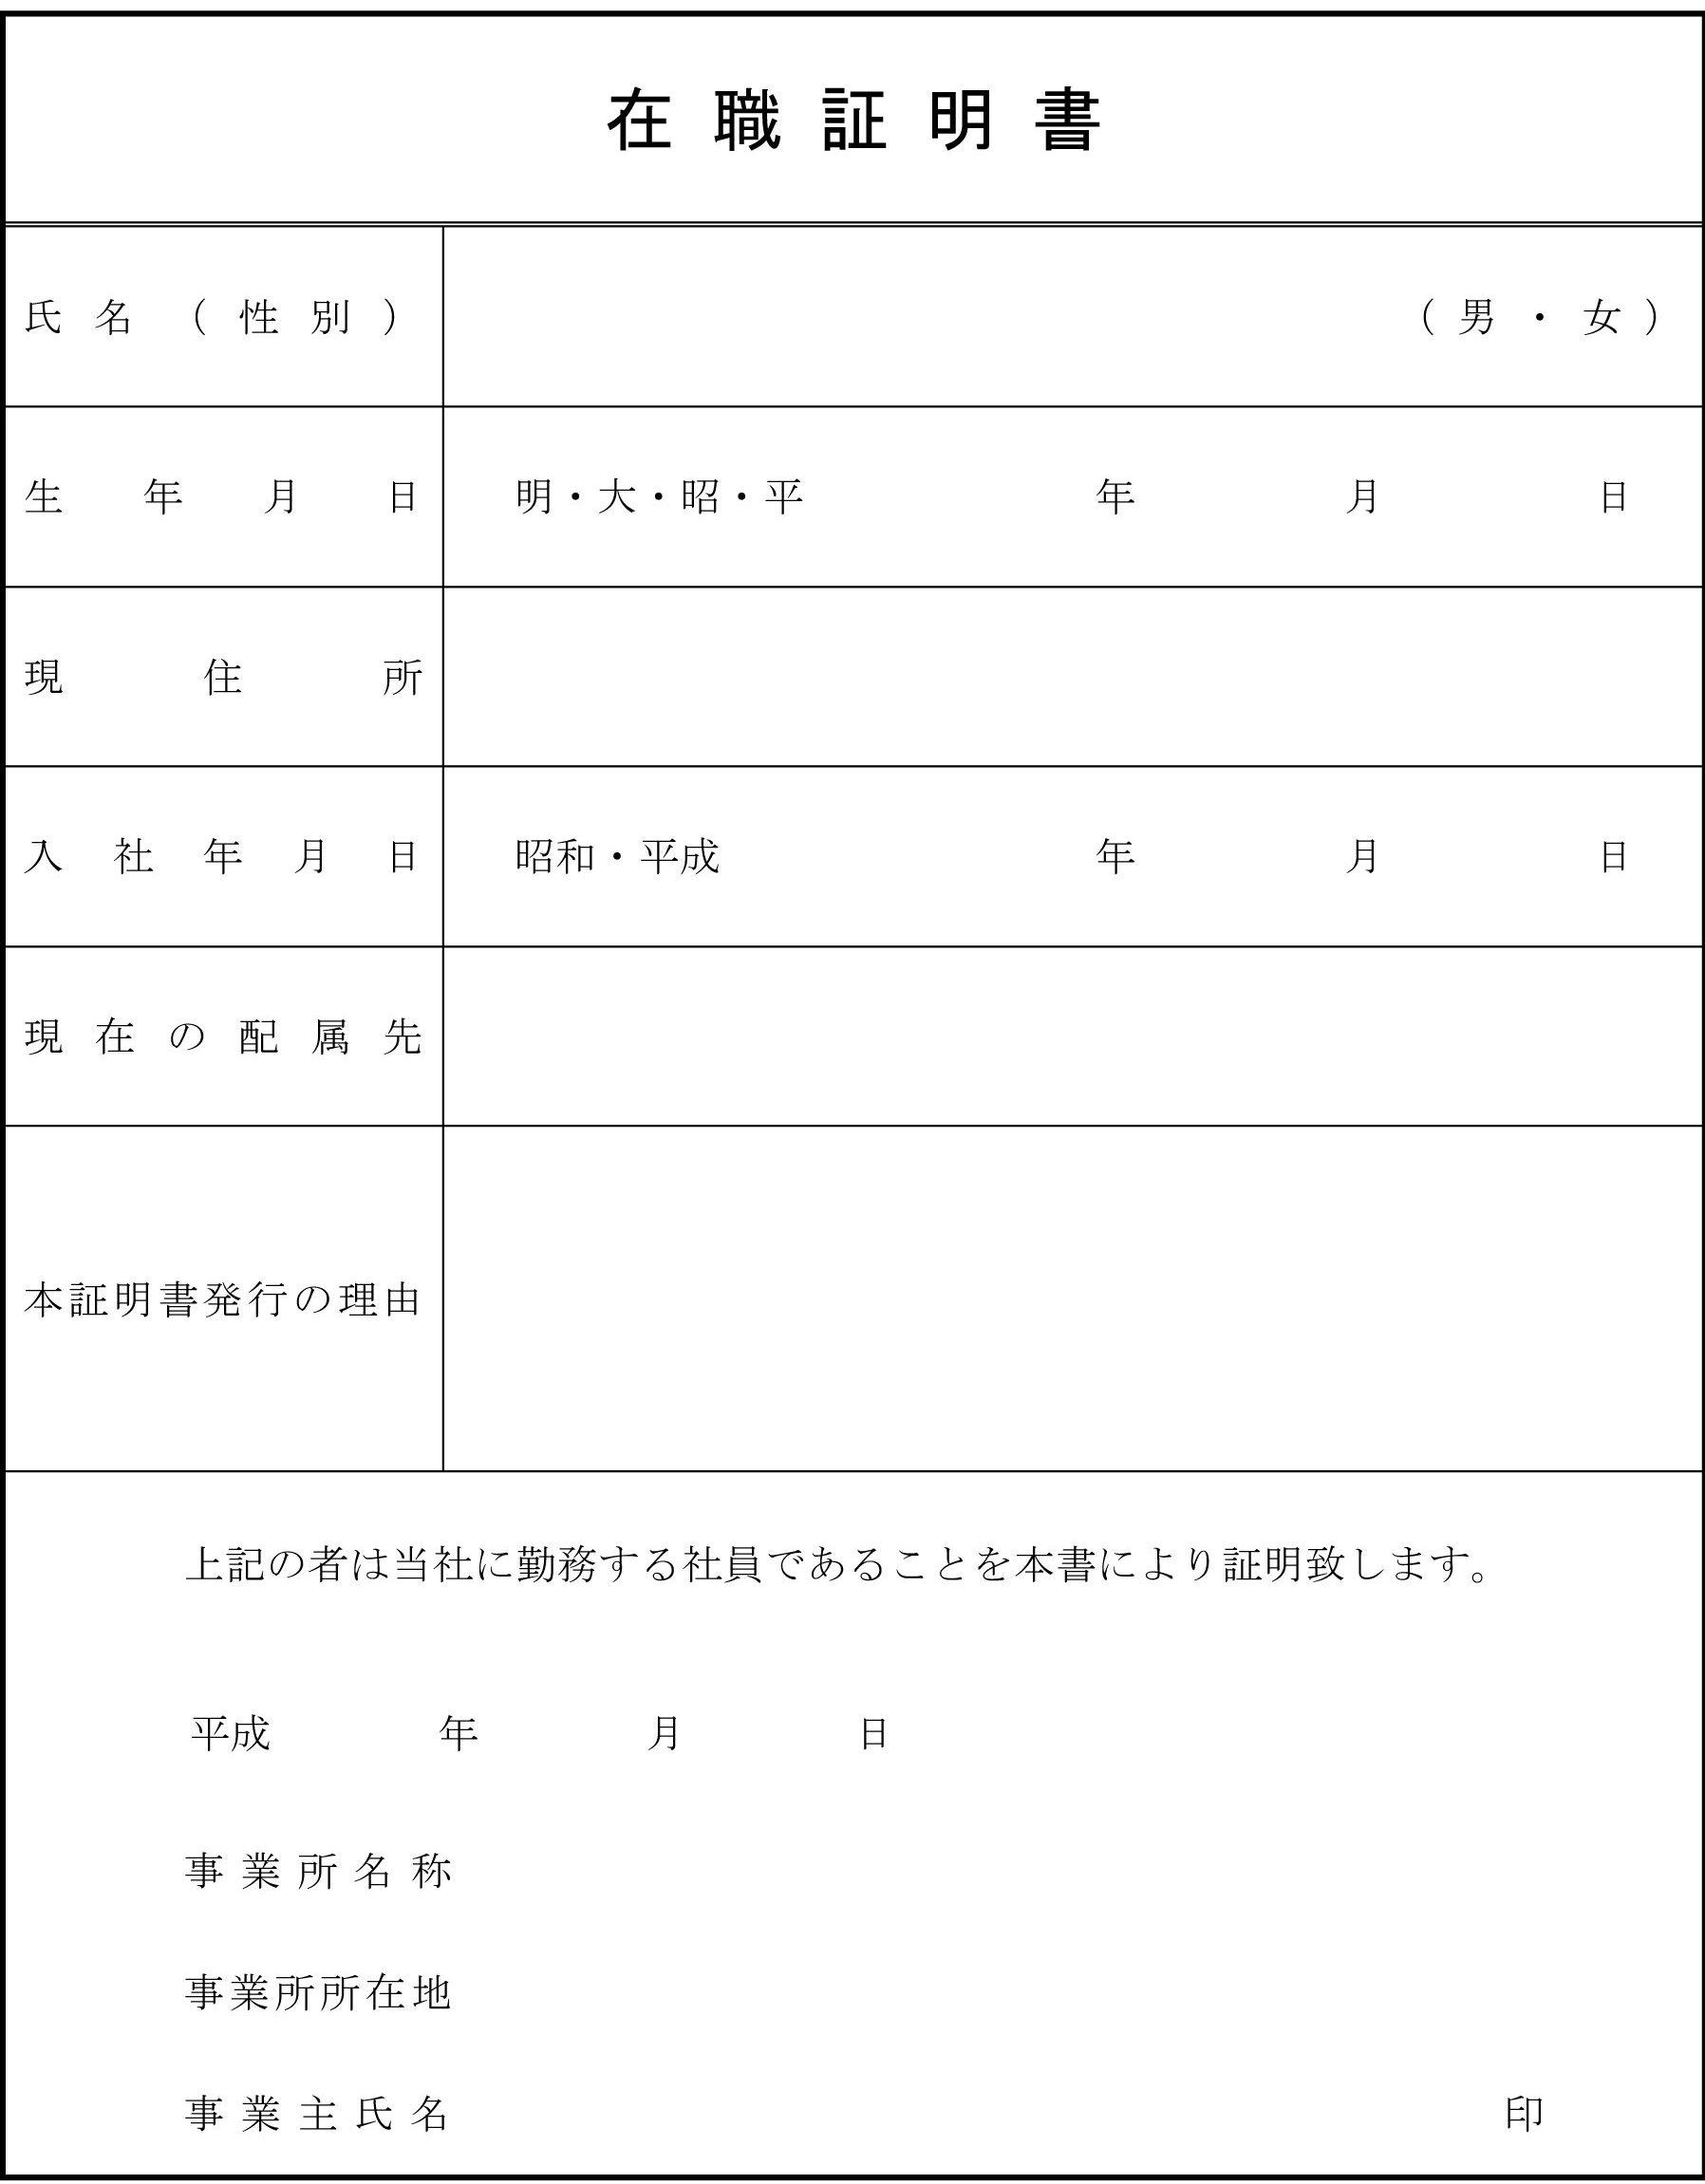 在職証明書01